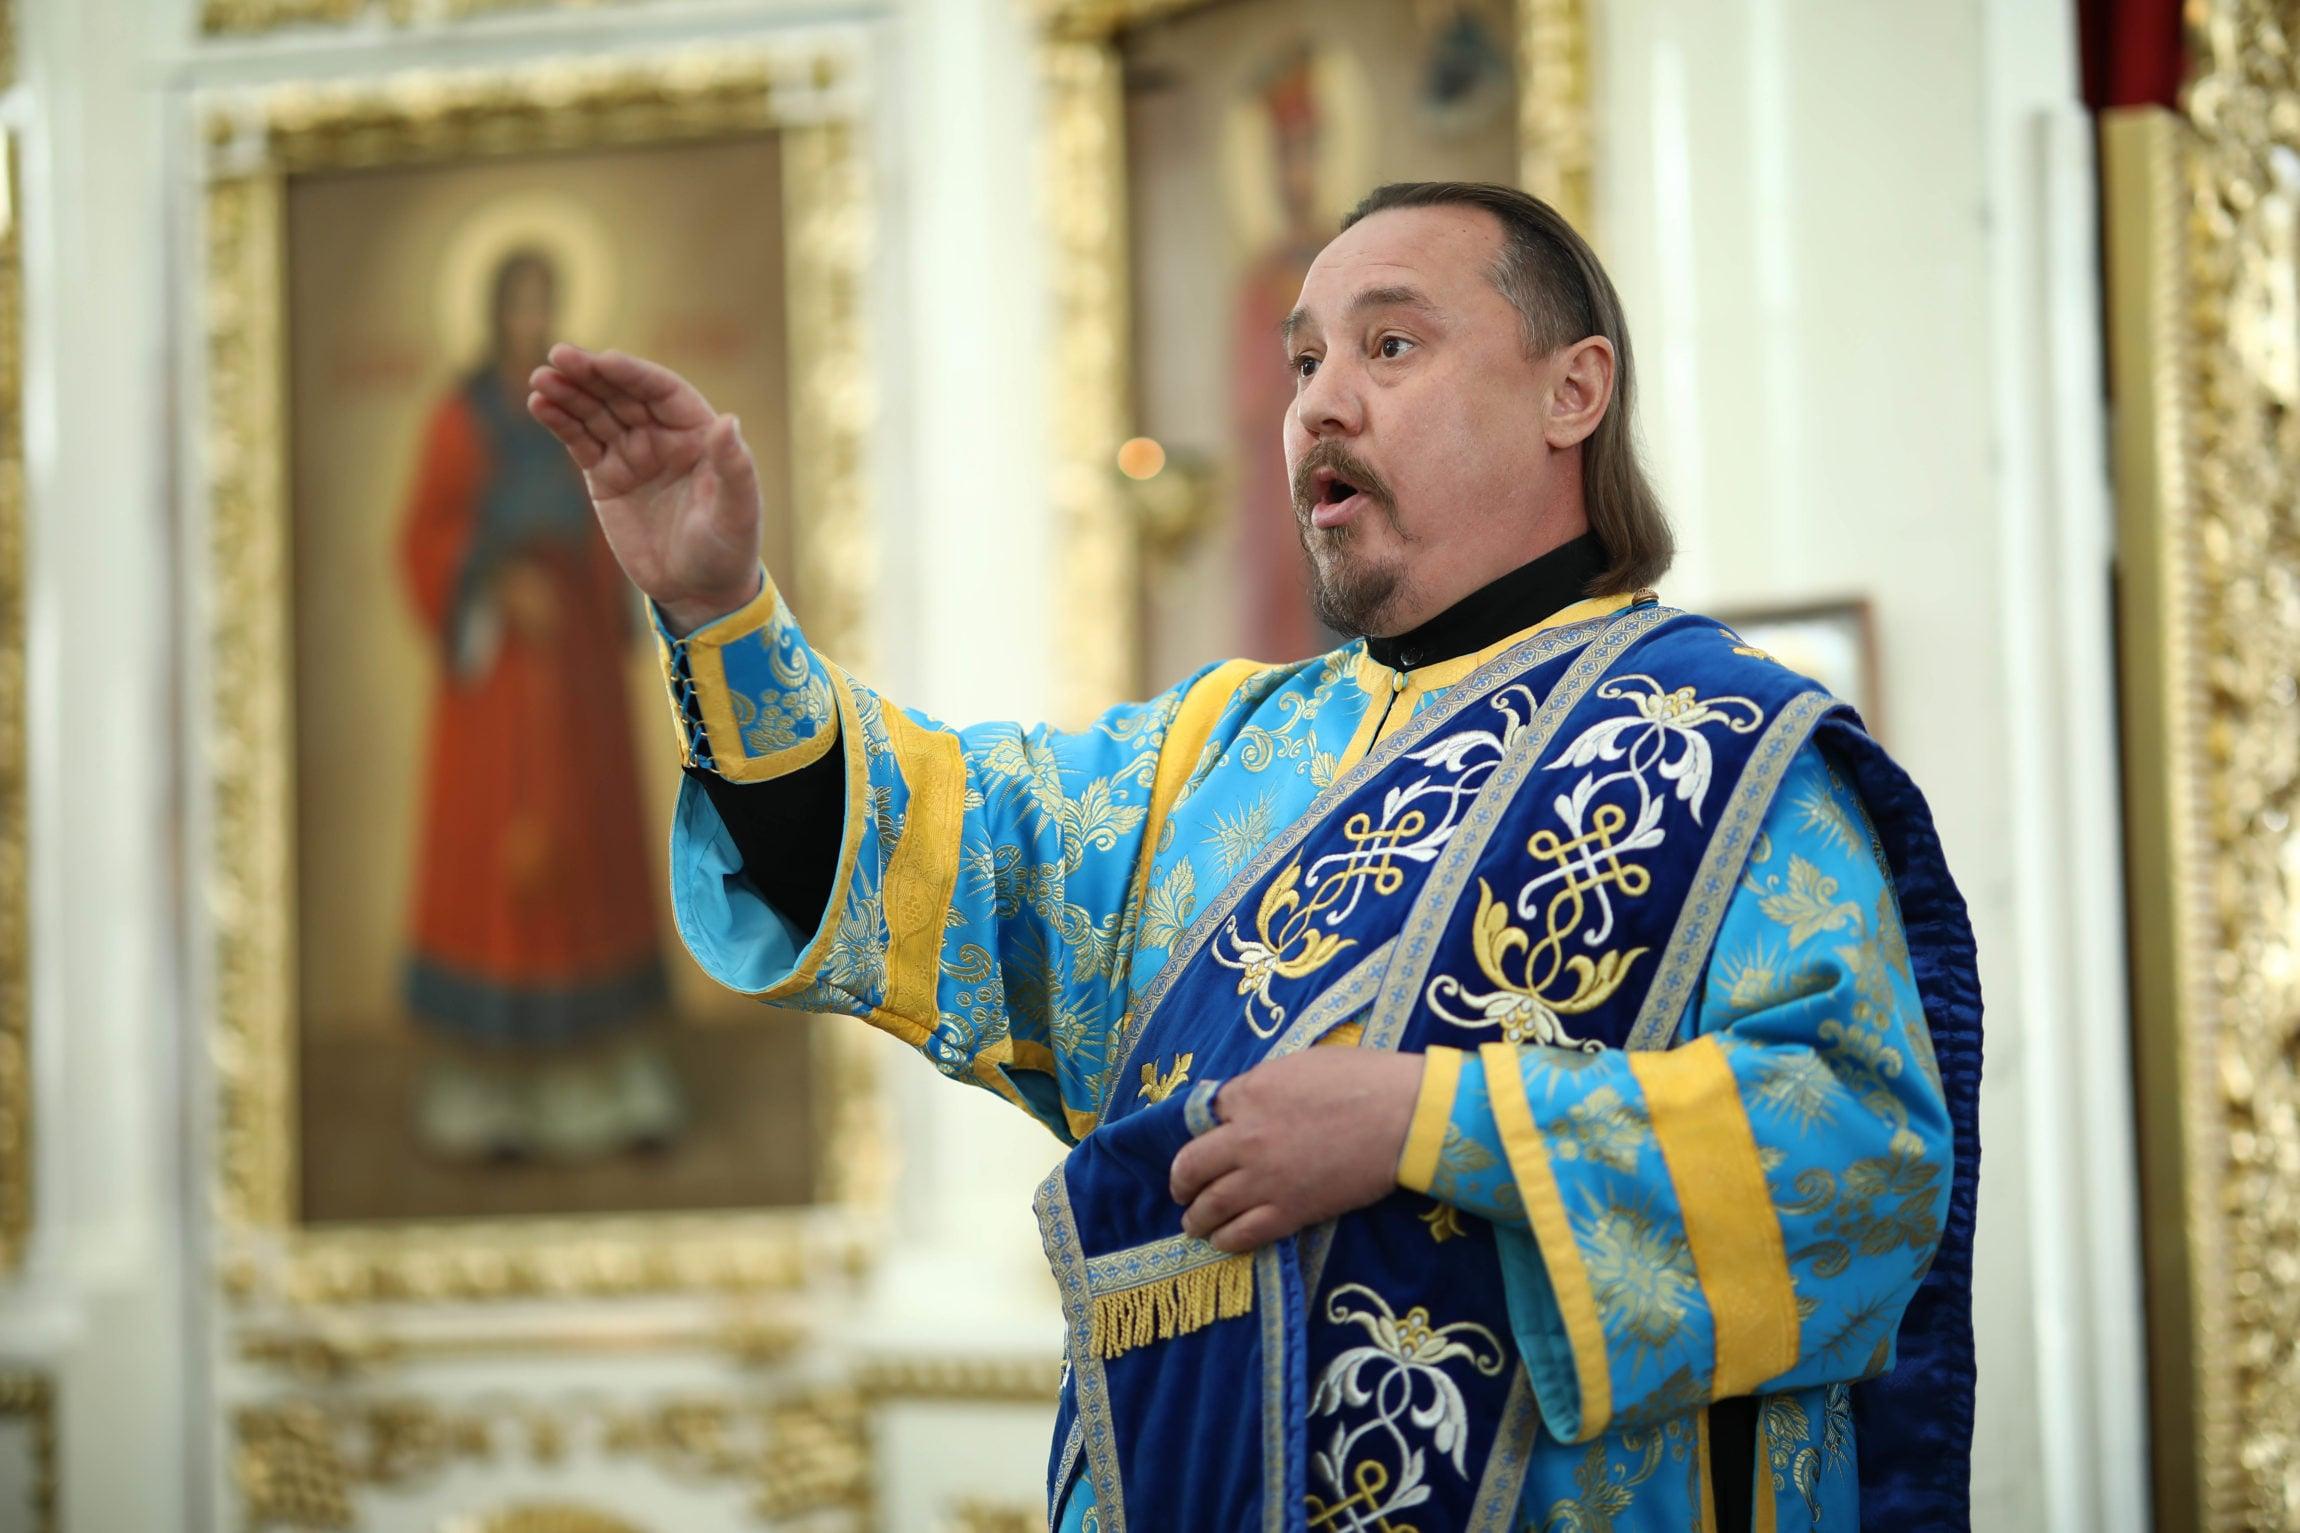 http://monuspen.ru/photoreports/300a33e78ae43bf112005df432bc34h1.jpg